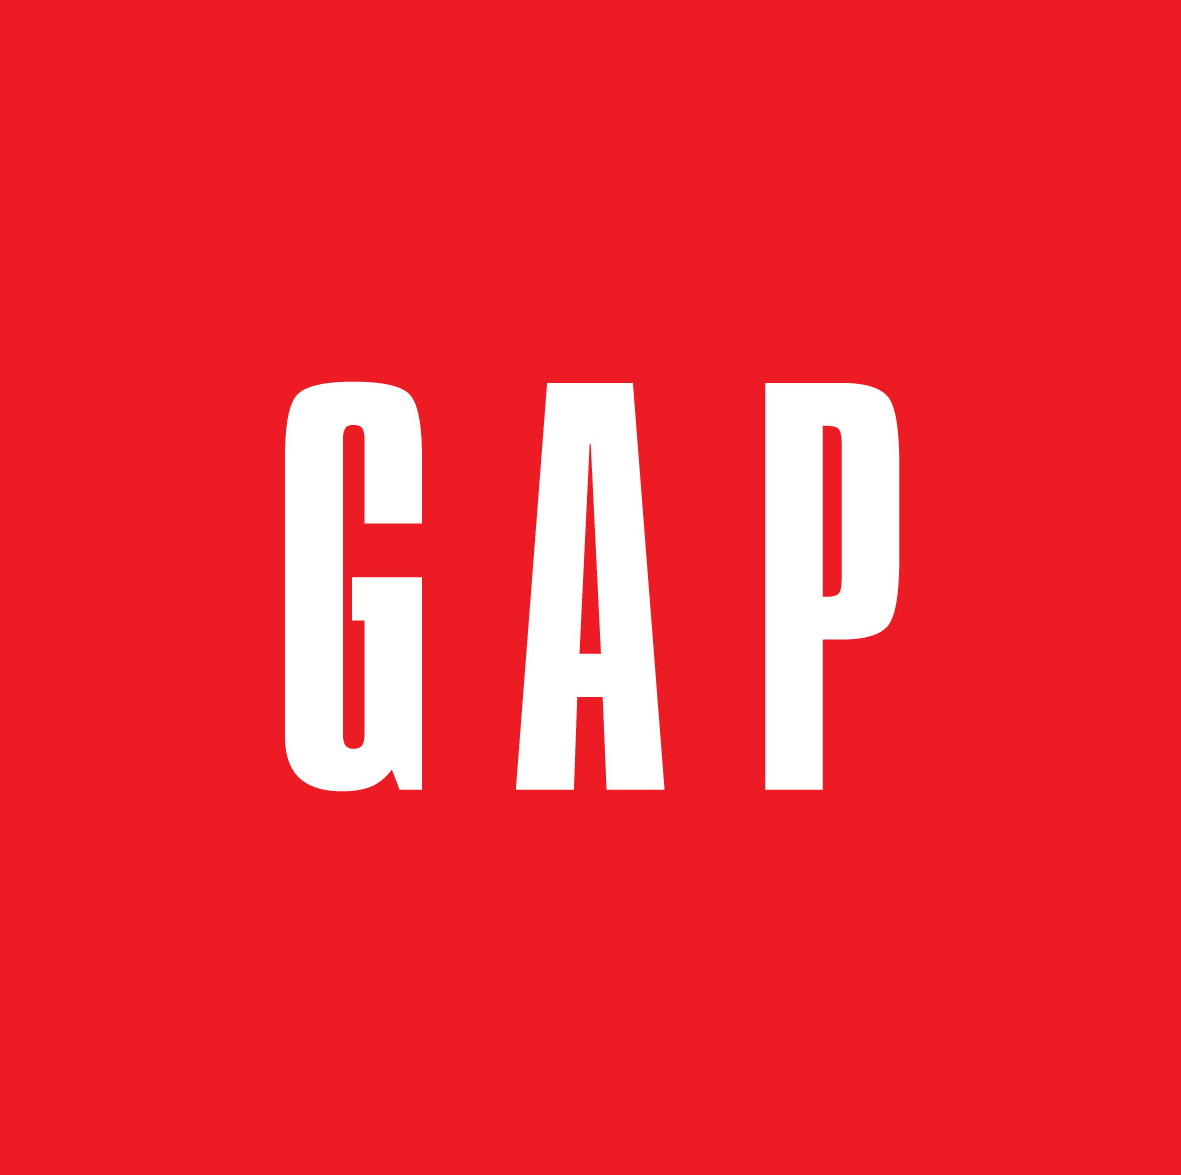 Desarrollador web front back gap design fuengirola for Oficina de empleo fuengirola